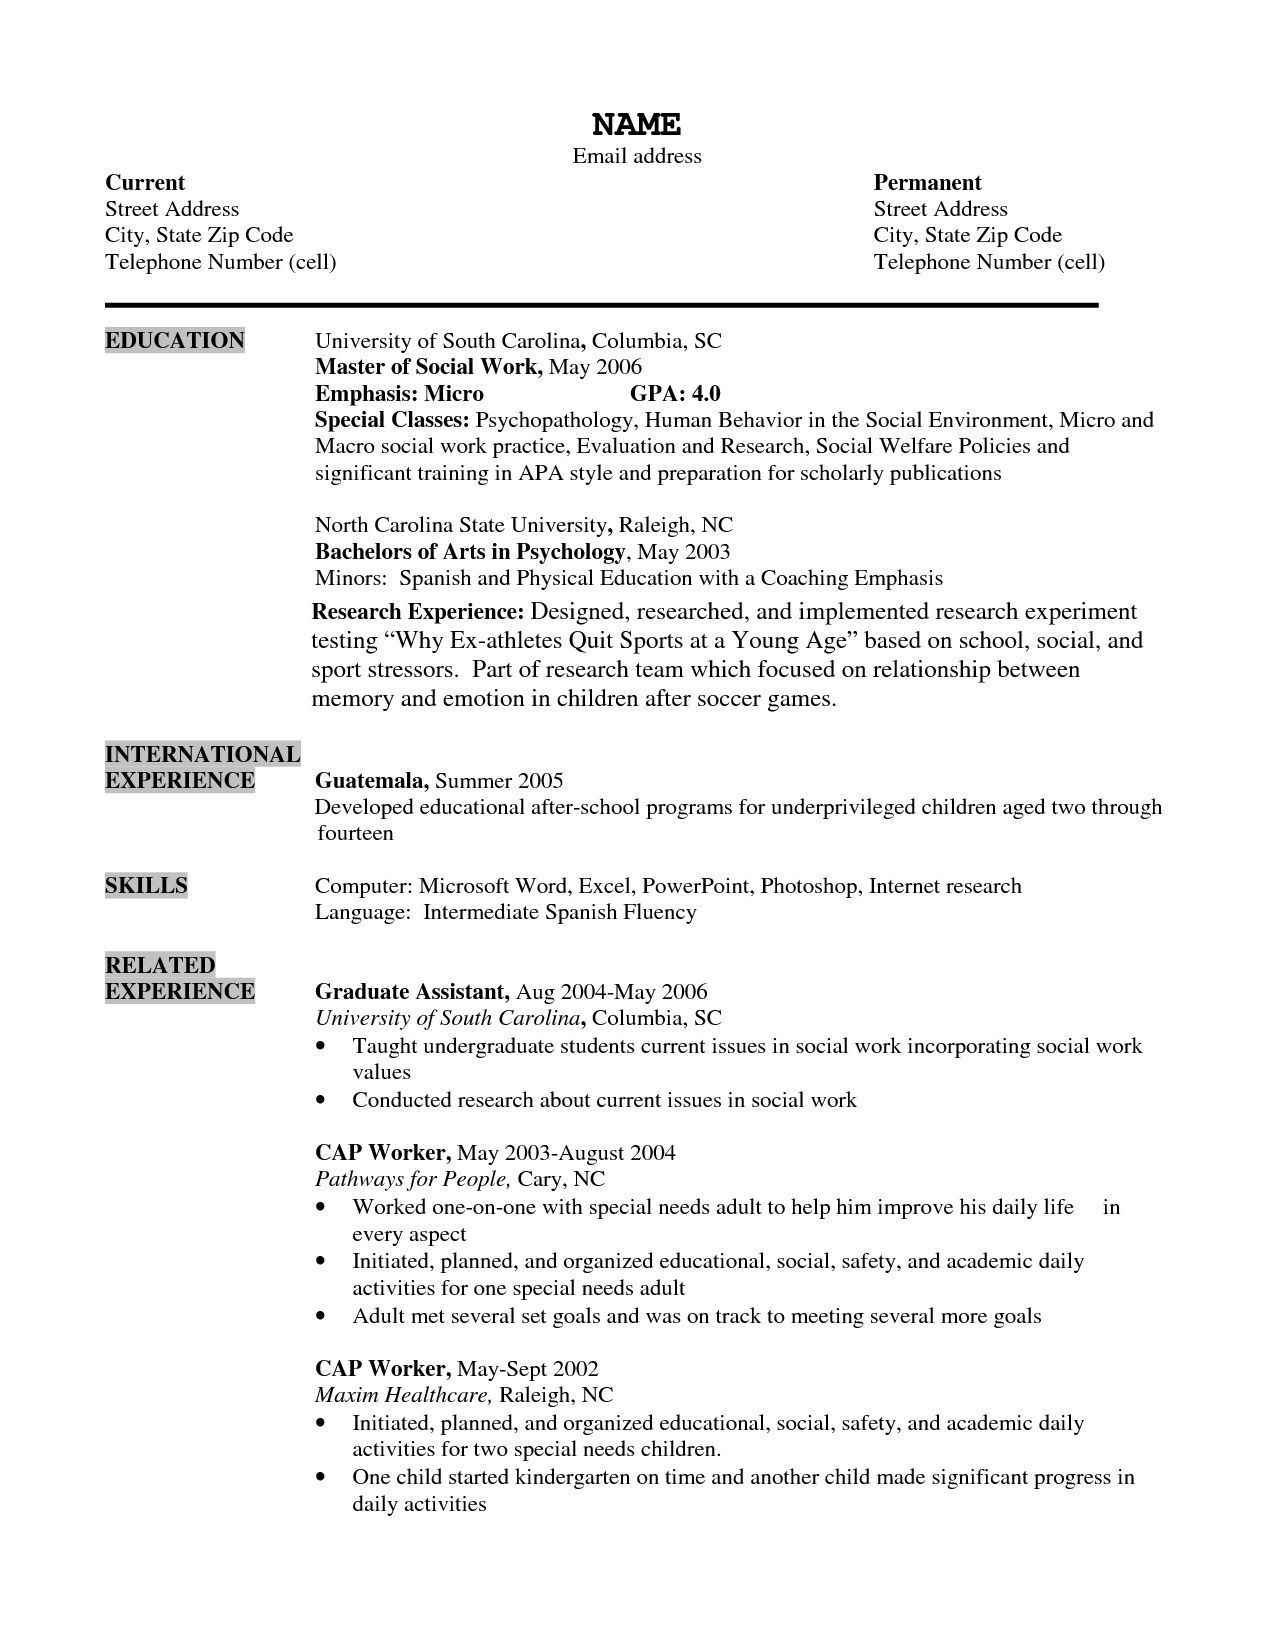 Undergraduate Students Resume Sample Job Resume Samples Job Resume Samples Resume Internship Resume